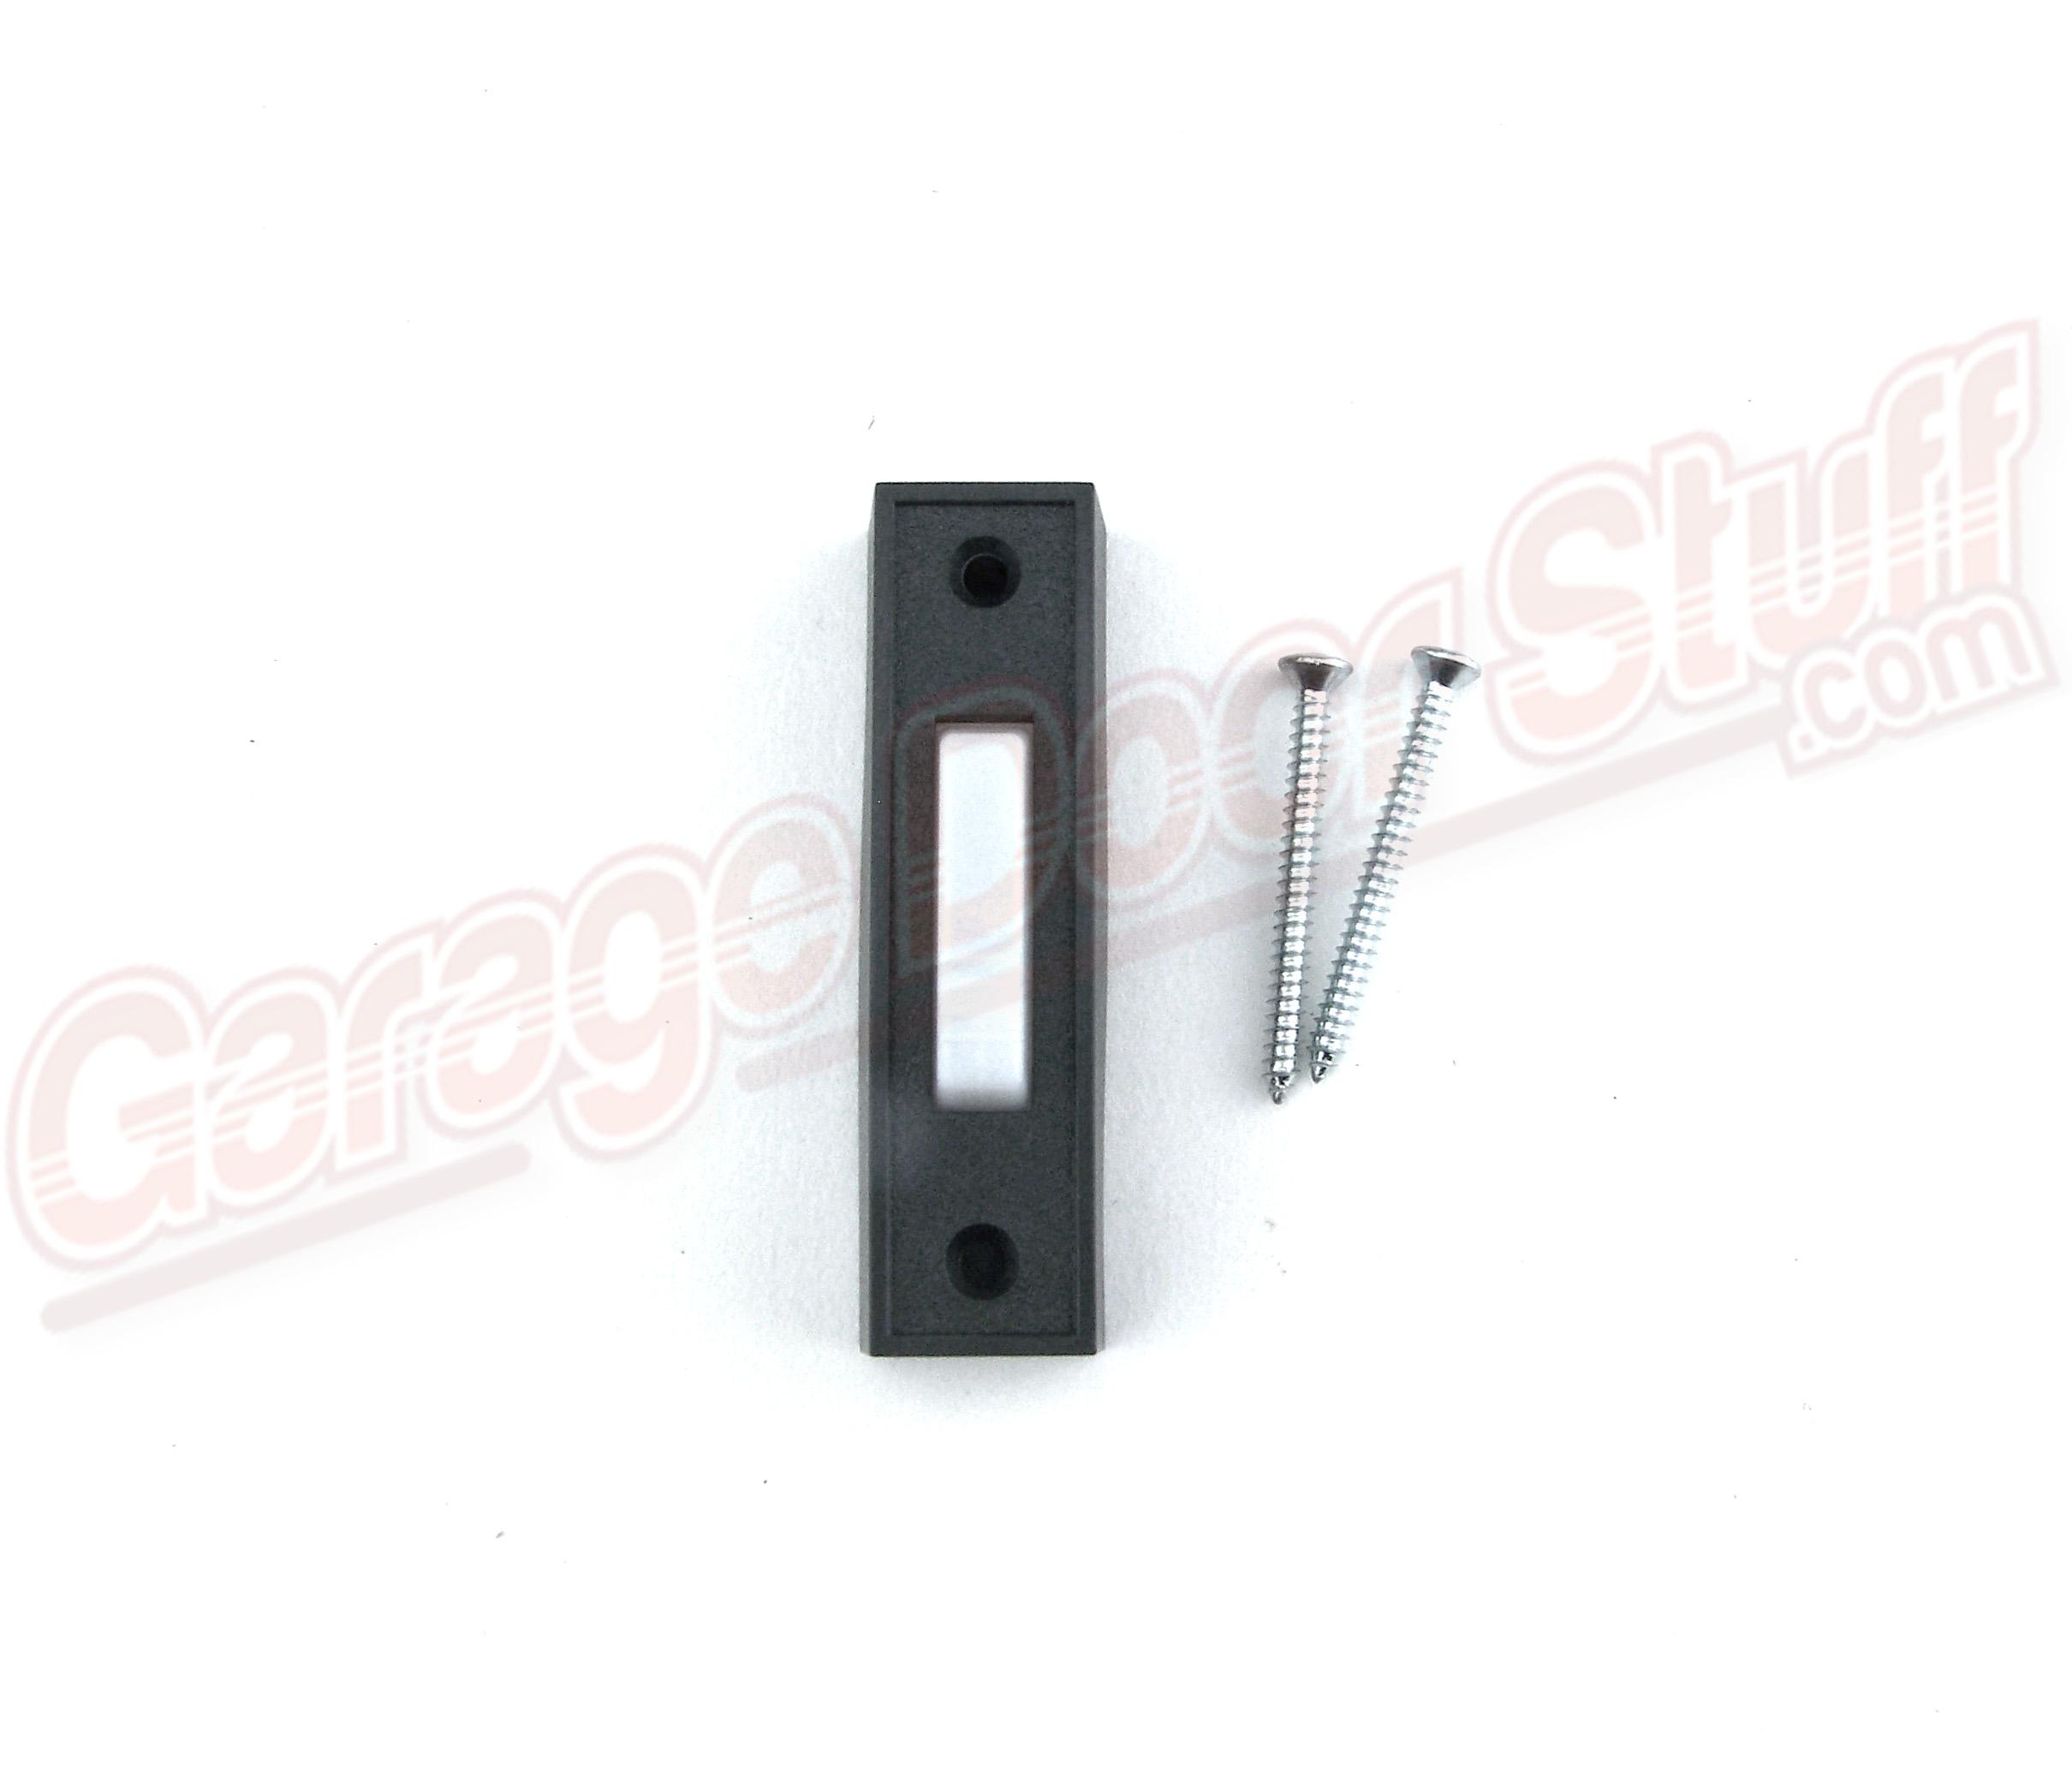 Garage Door Opener Push Button - 358.6KB